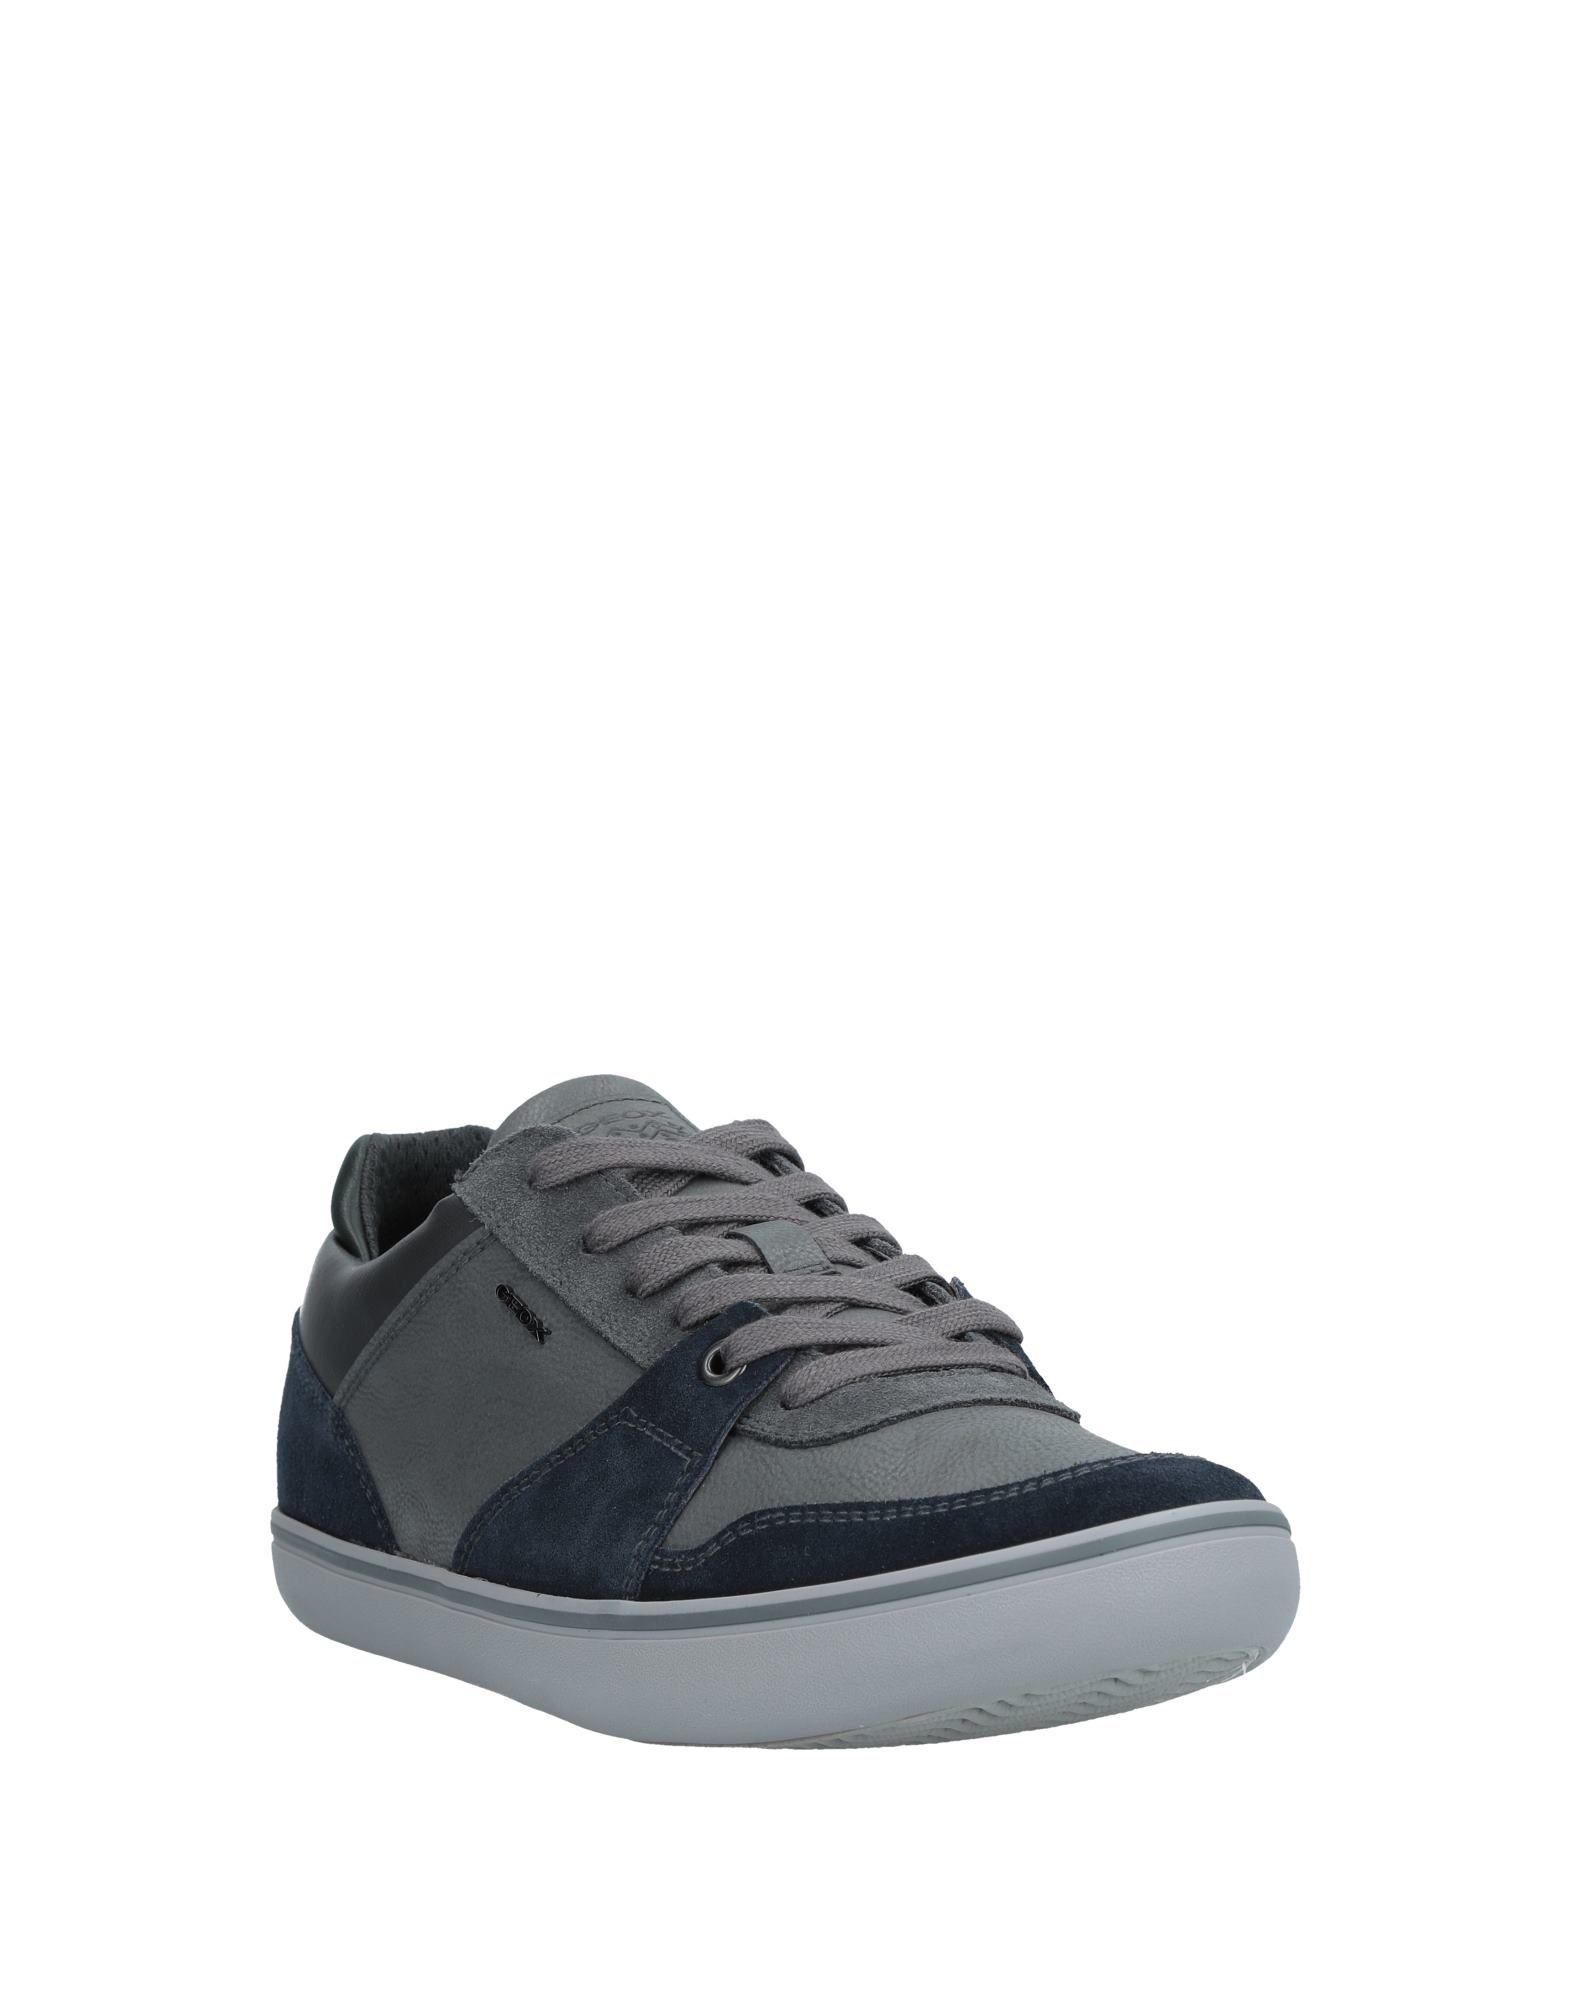 Rabatt Herren echte Schuhe Geox Sneakers Herren Rabatt  11540197DC daf621